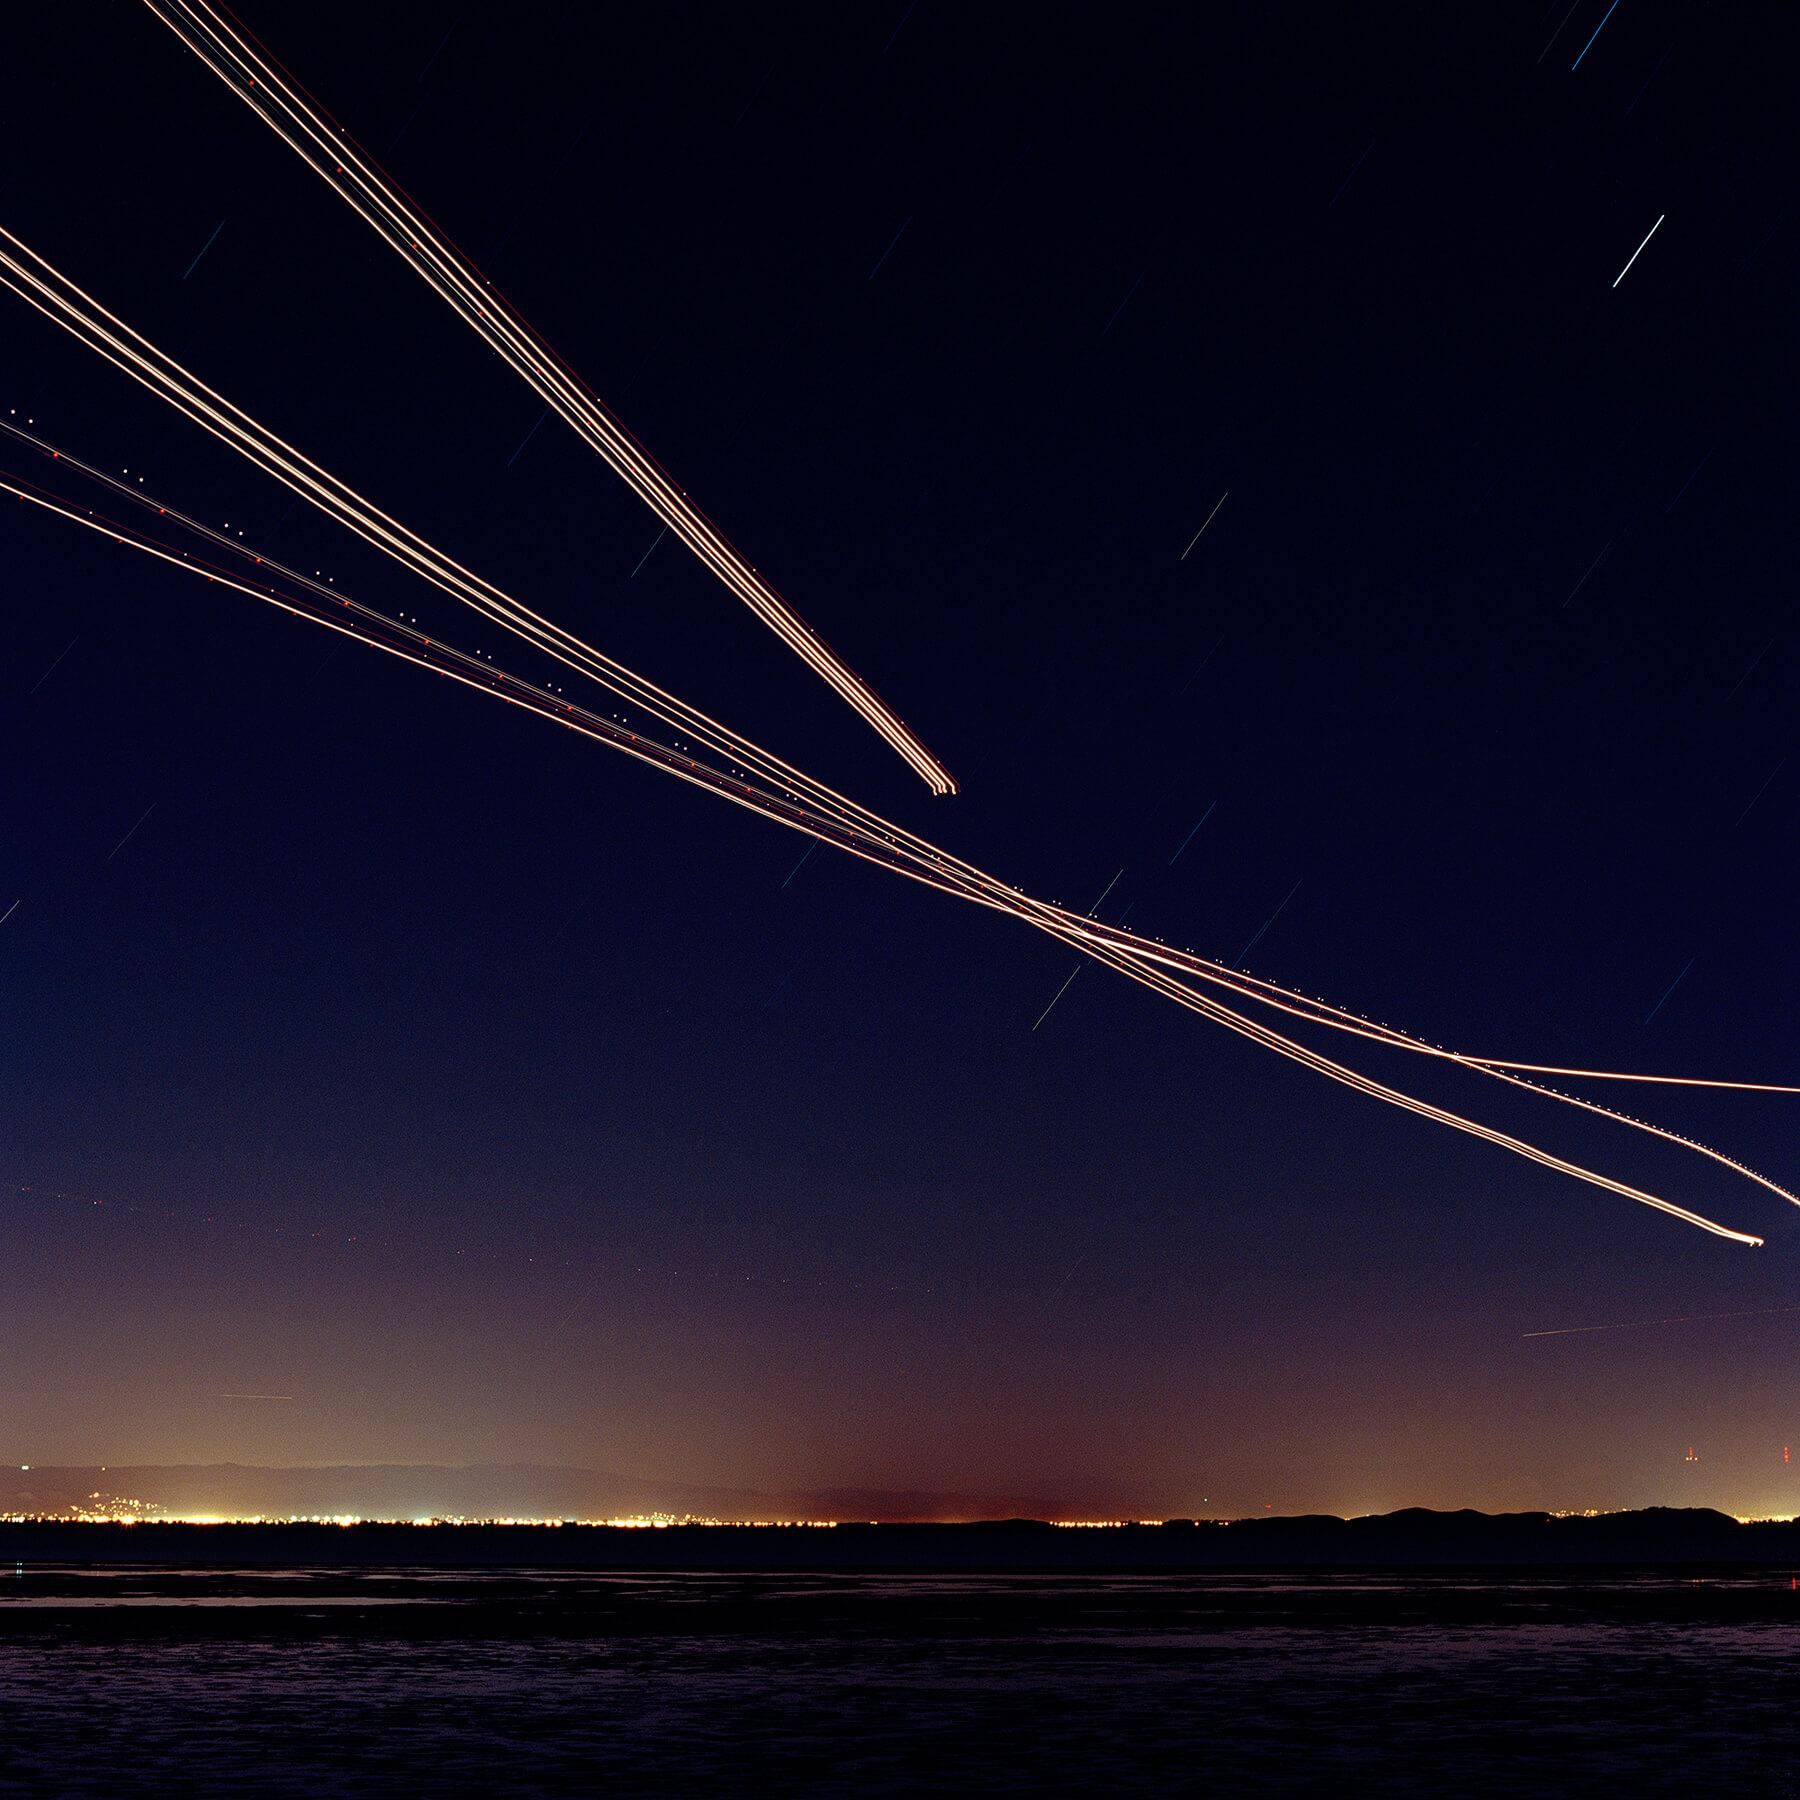 Light streaks at night